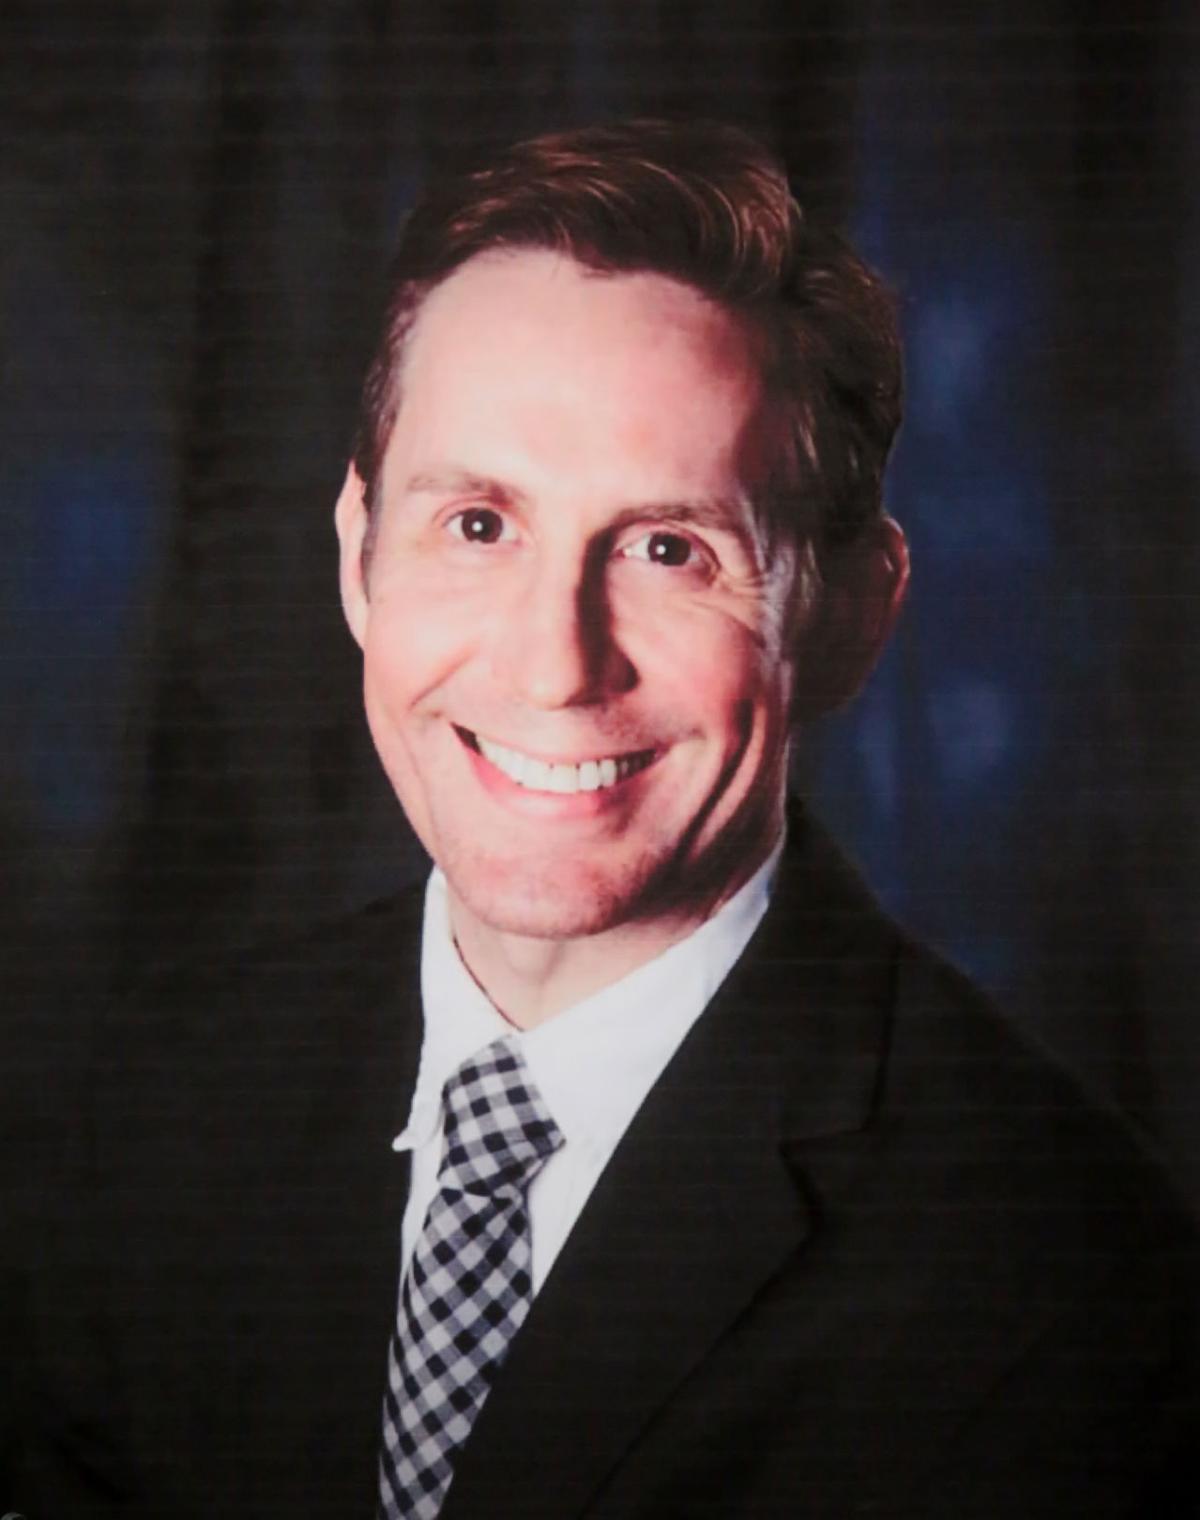 Andrew G. Nesbitt